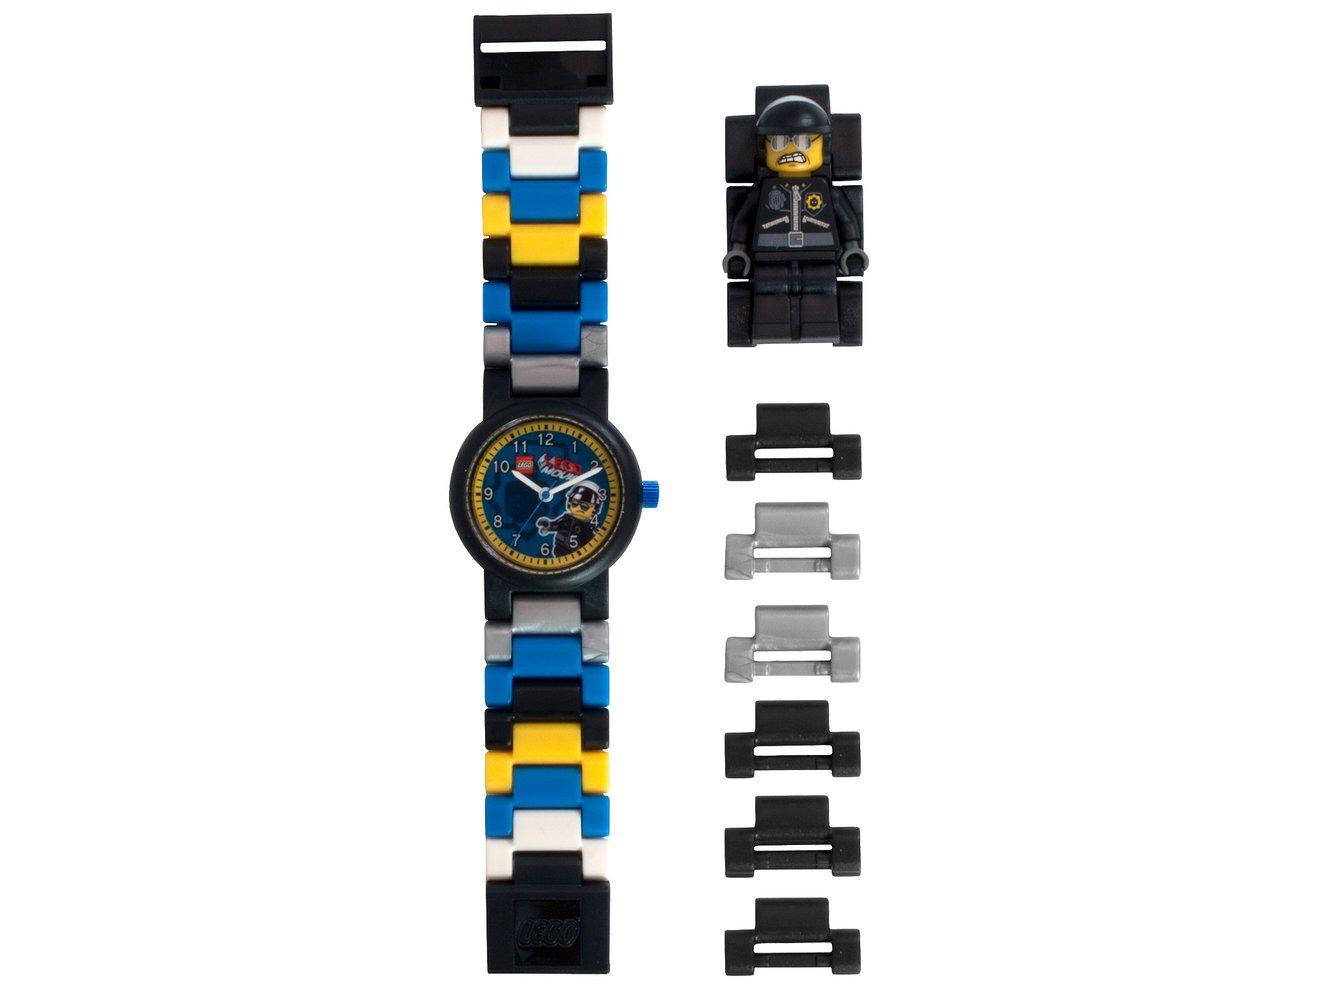 Bad Cop Minifigure Link Watch